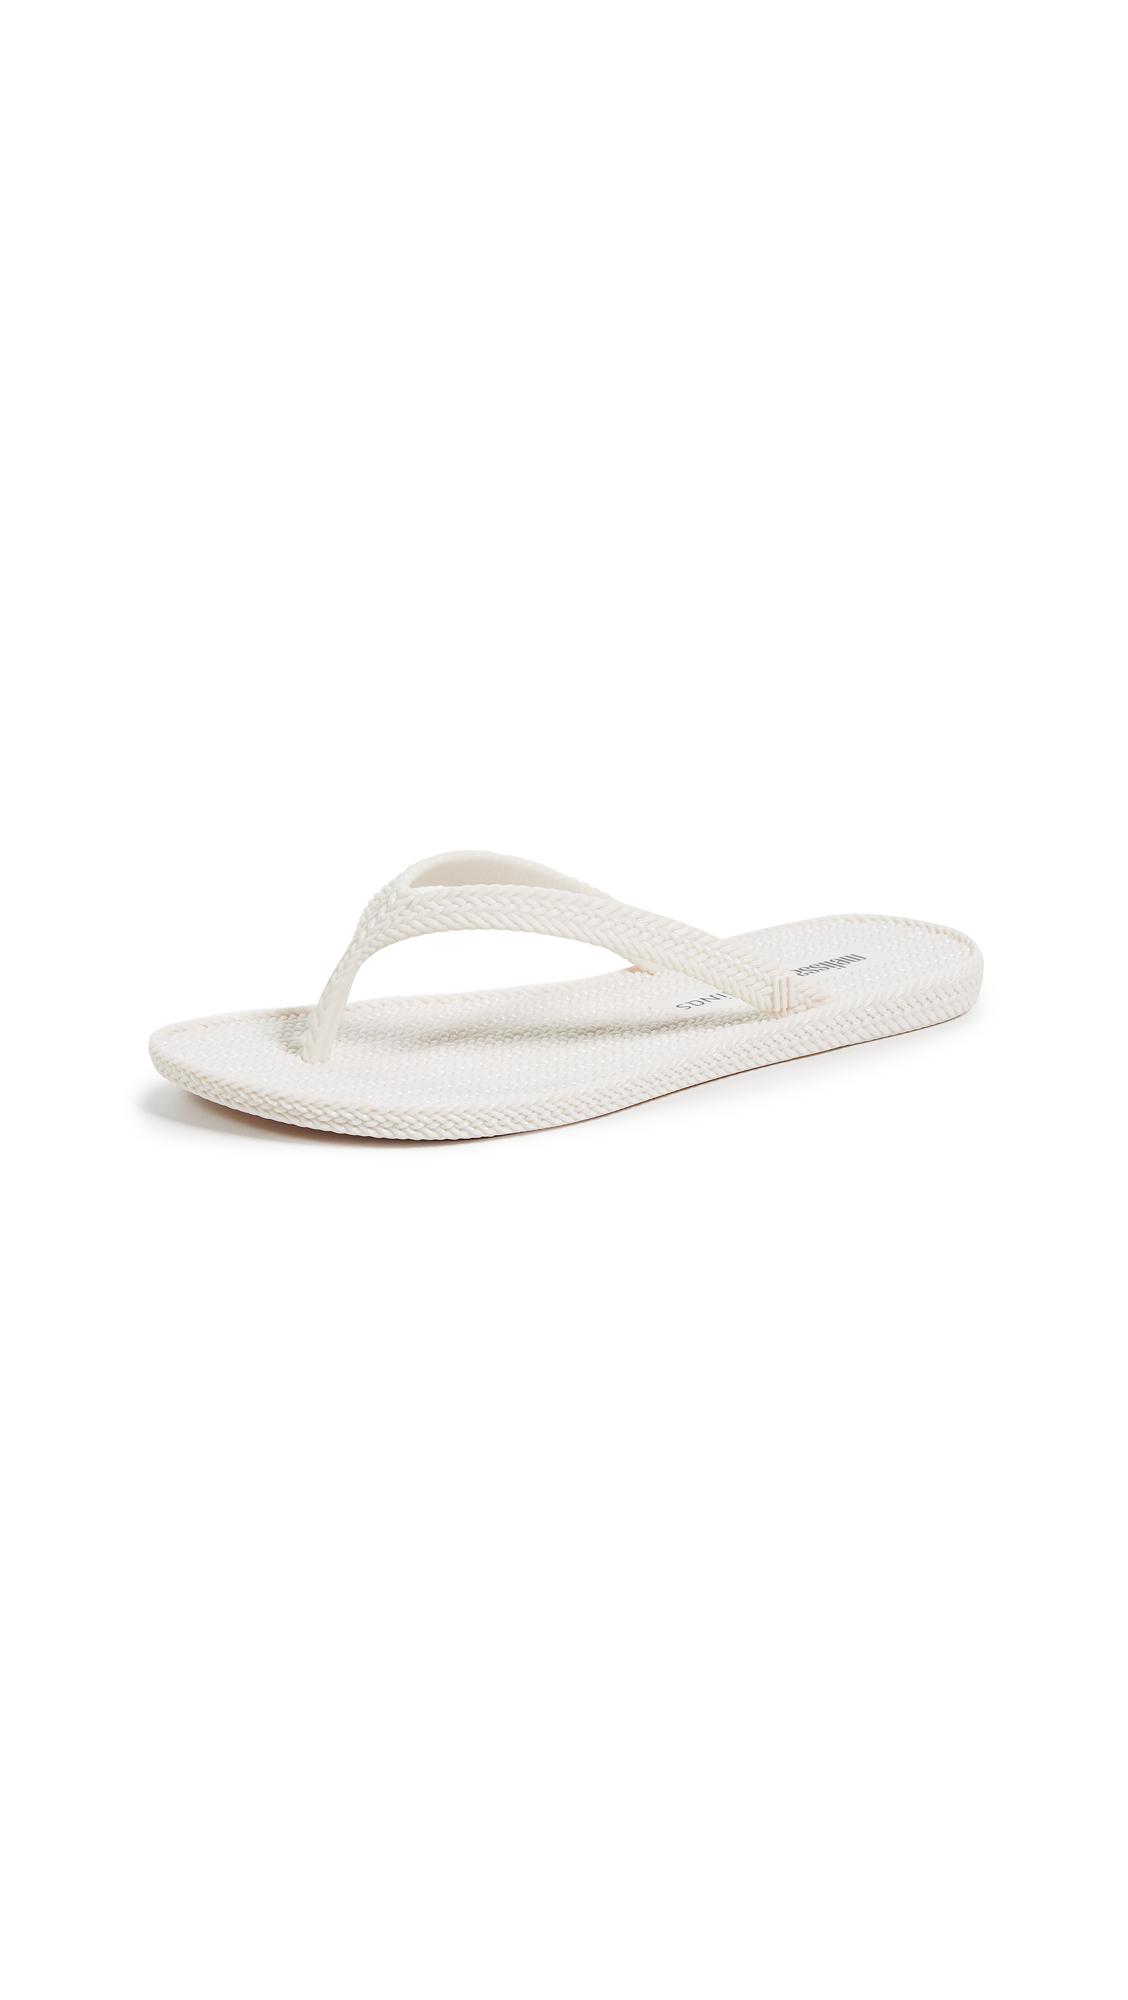 Melissa x Salinas Summer Flip Flops - Off White